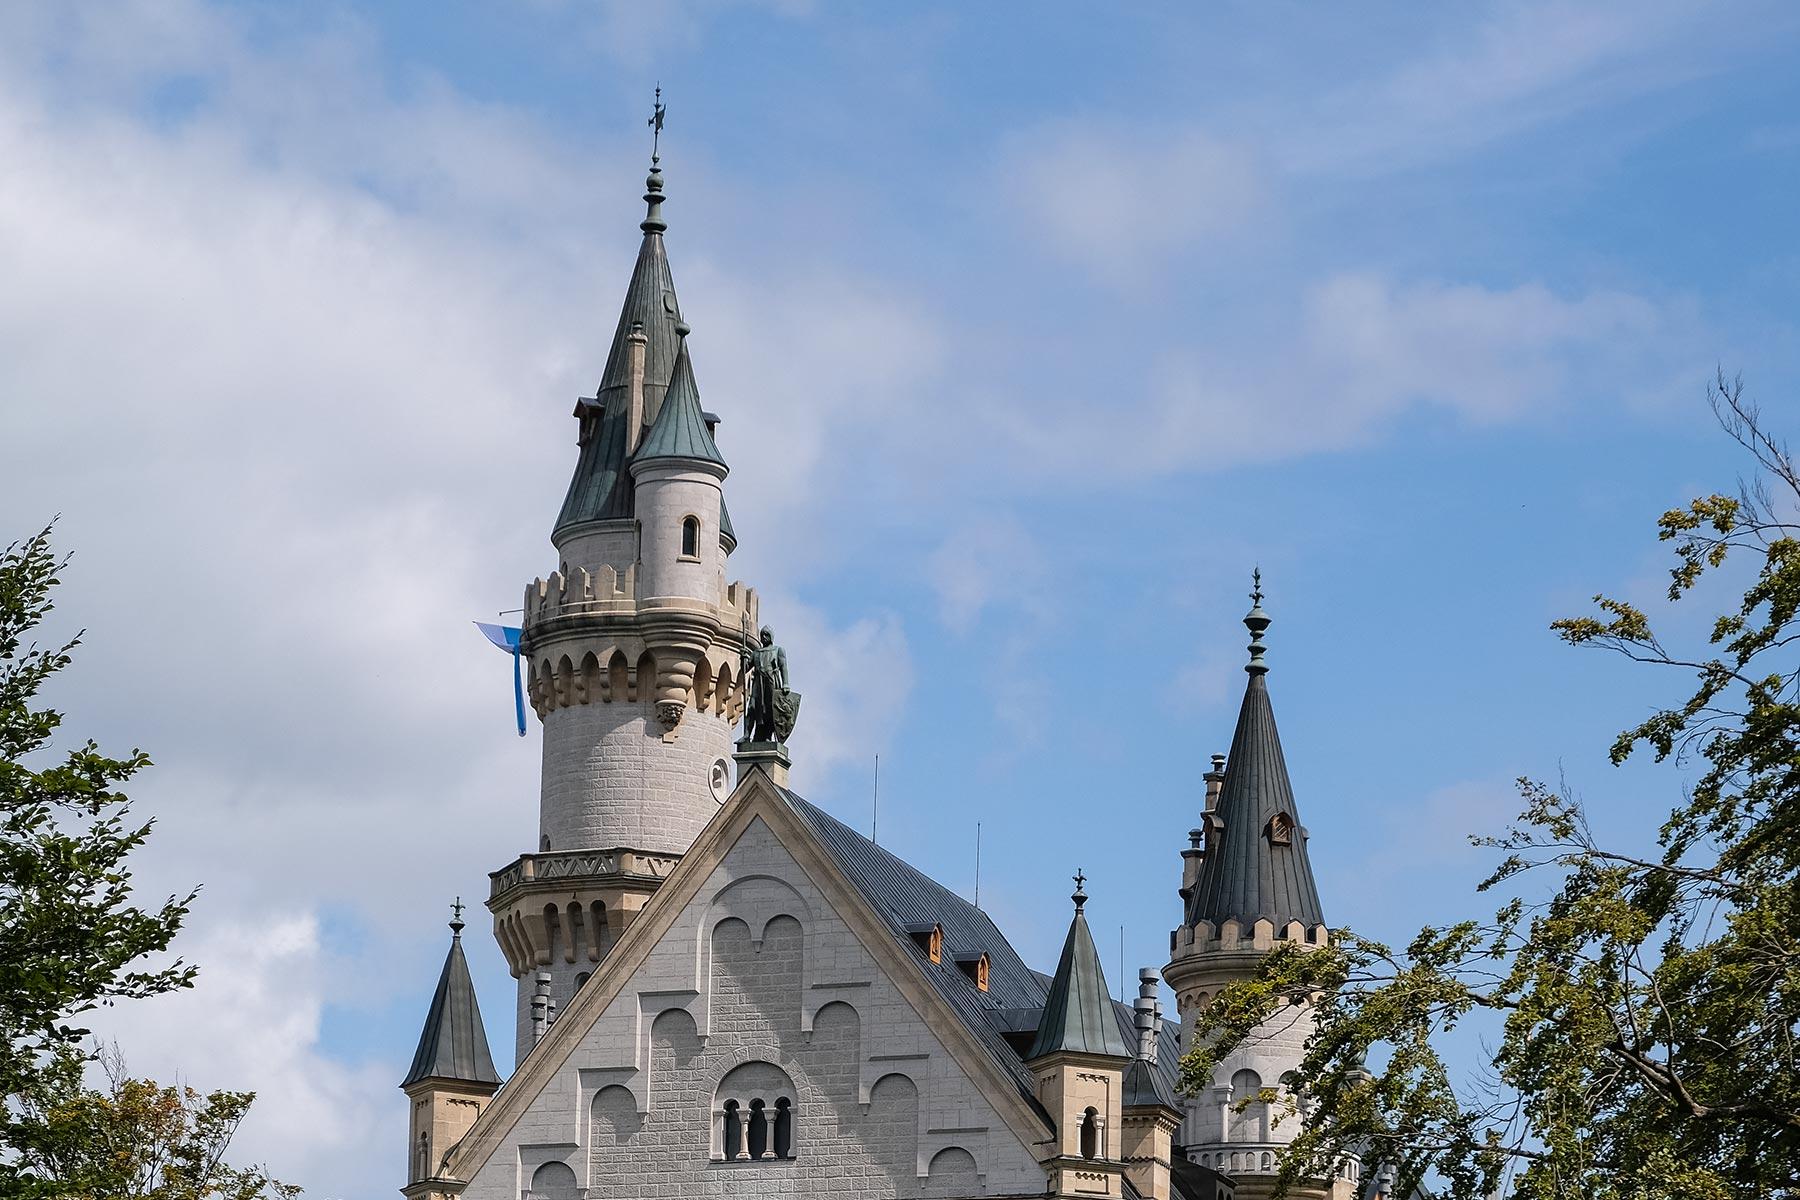 Außenansicht des Schloss Neuschwanstein in Hohenschwangau